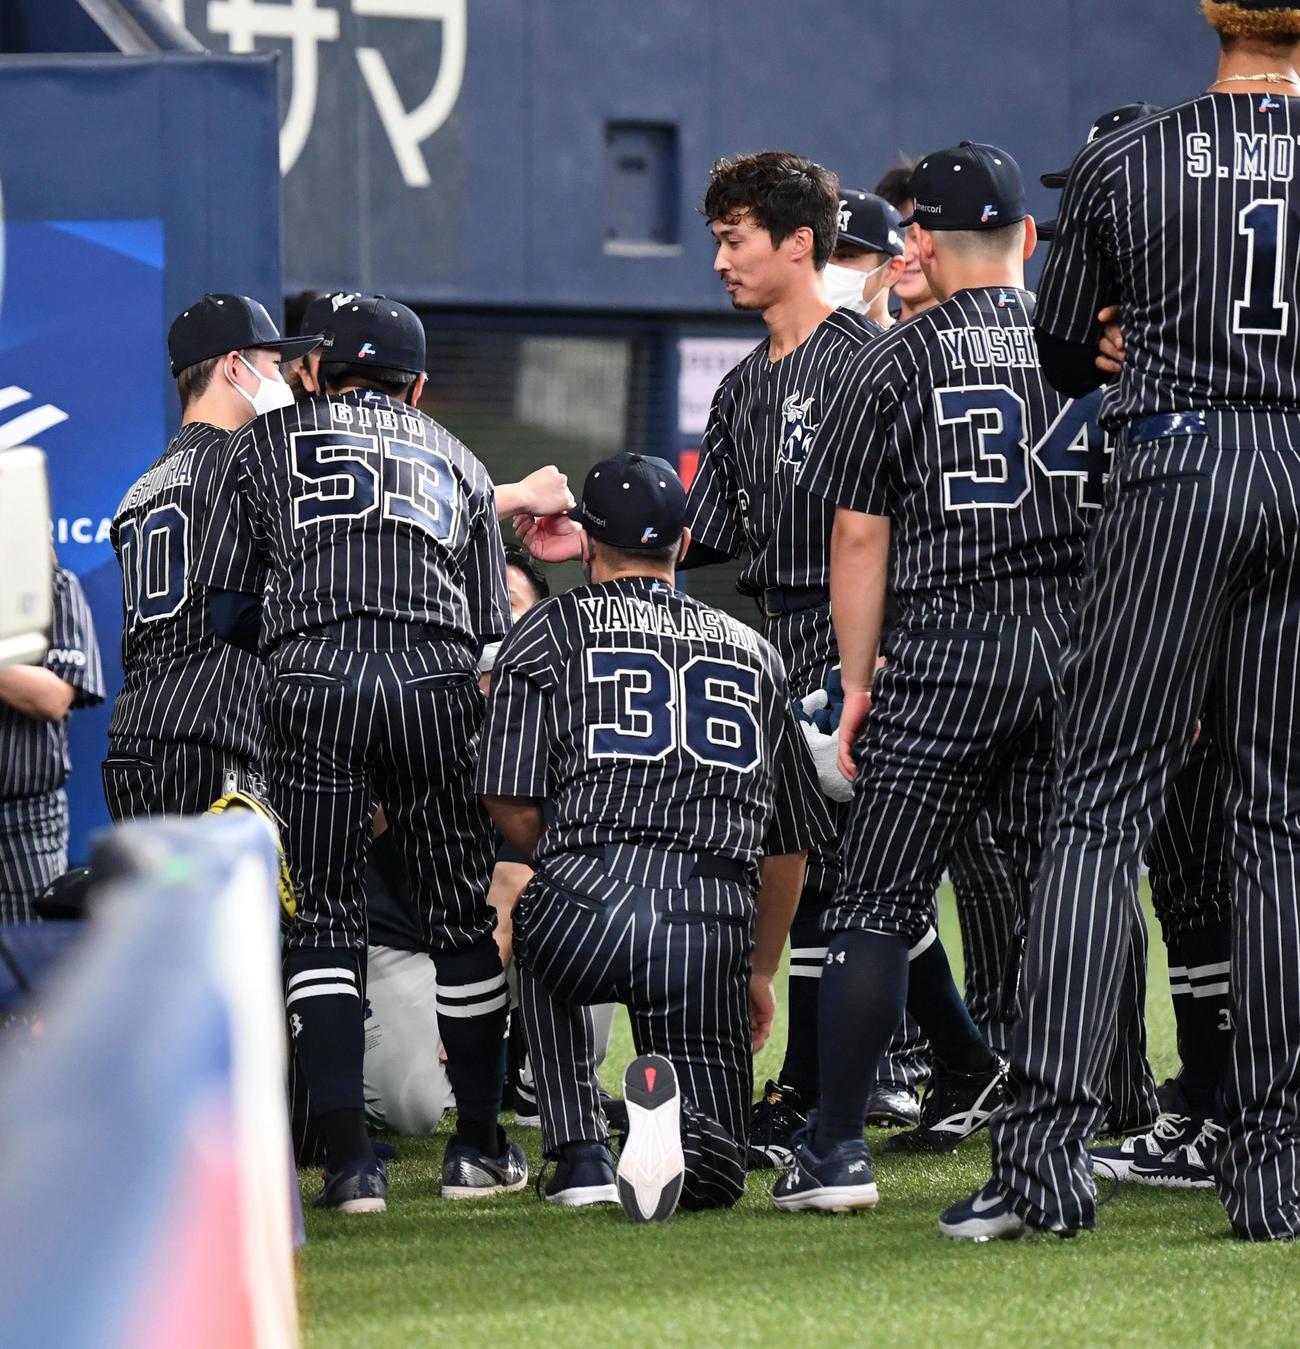 オリックス対楽天 試合前の円陣で西浦(左)がナインを鼓舞(撮影・前岡正明)